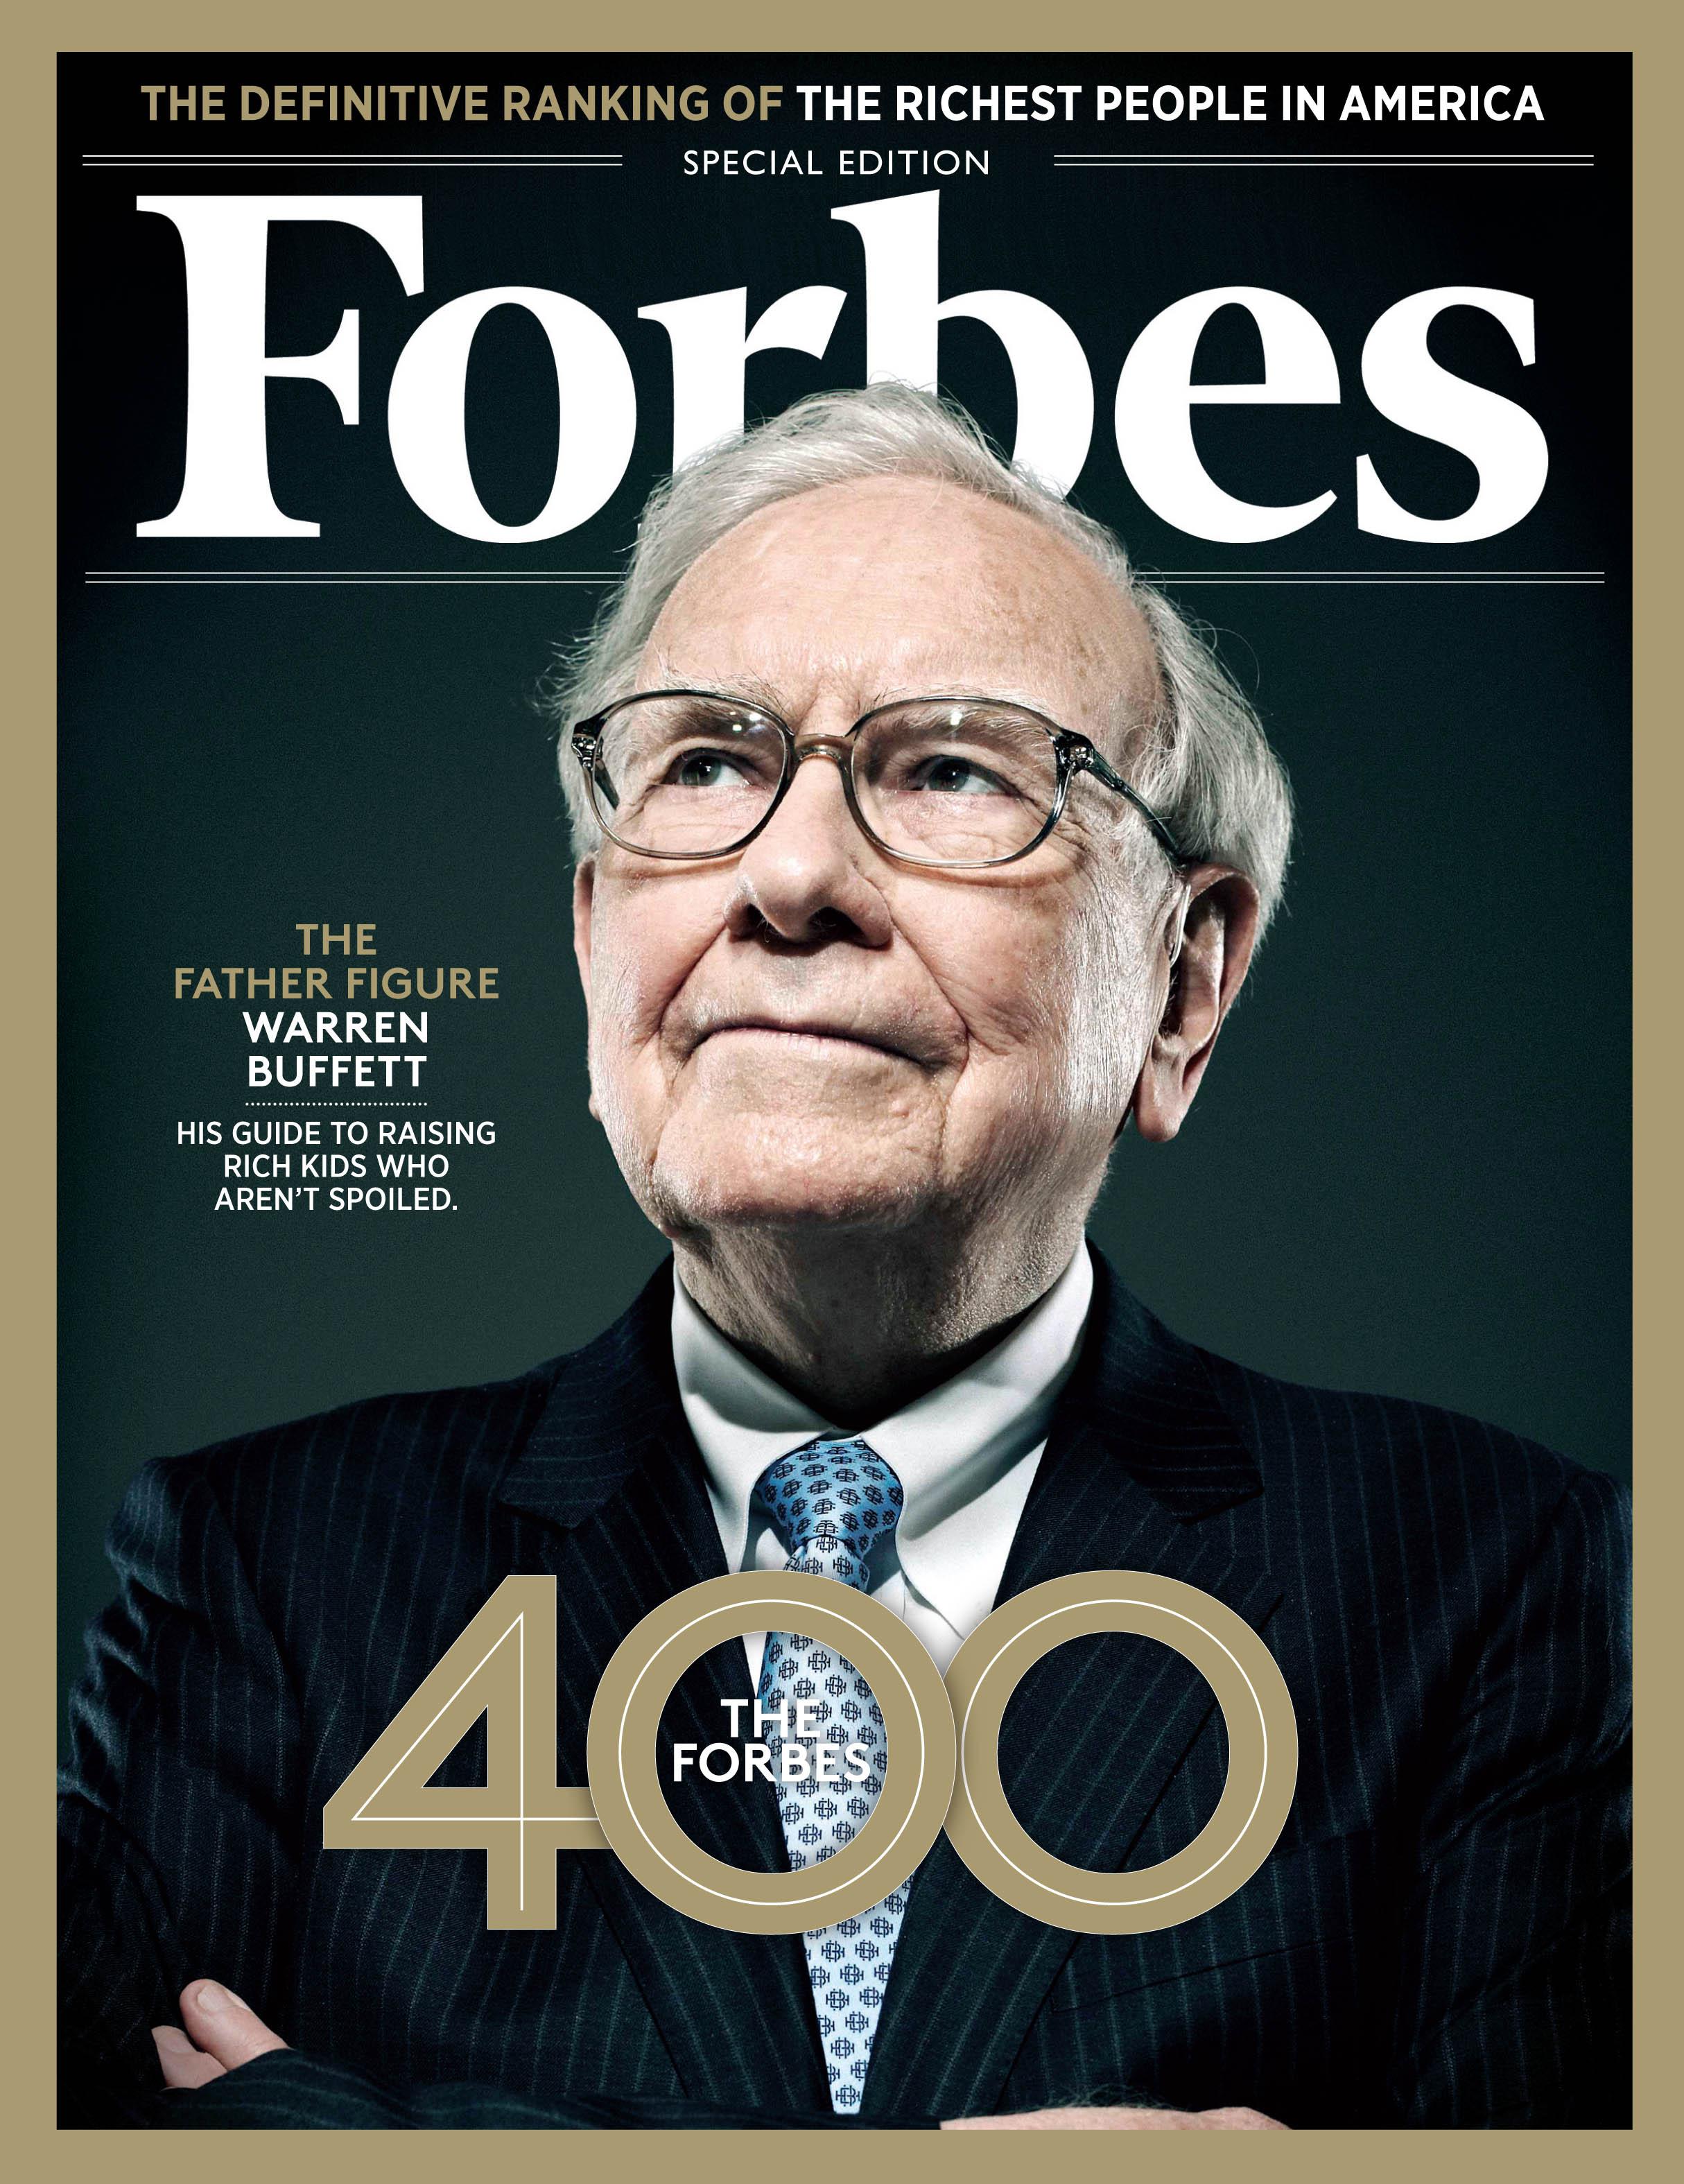 Warren Buffet: Bestes US-Finanzgenie und Anlage-Künstler ohne Konkurrenz